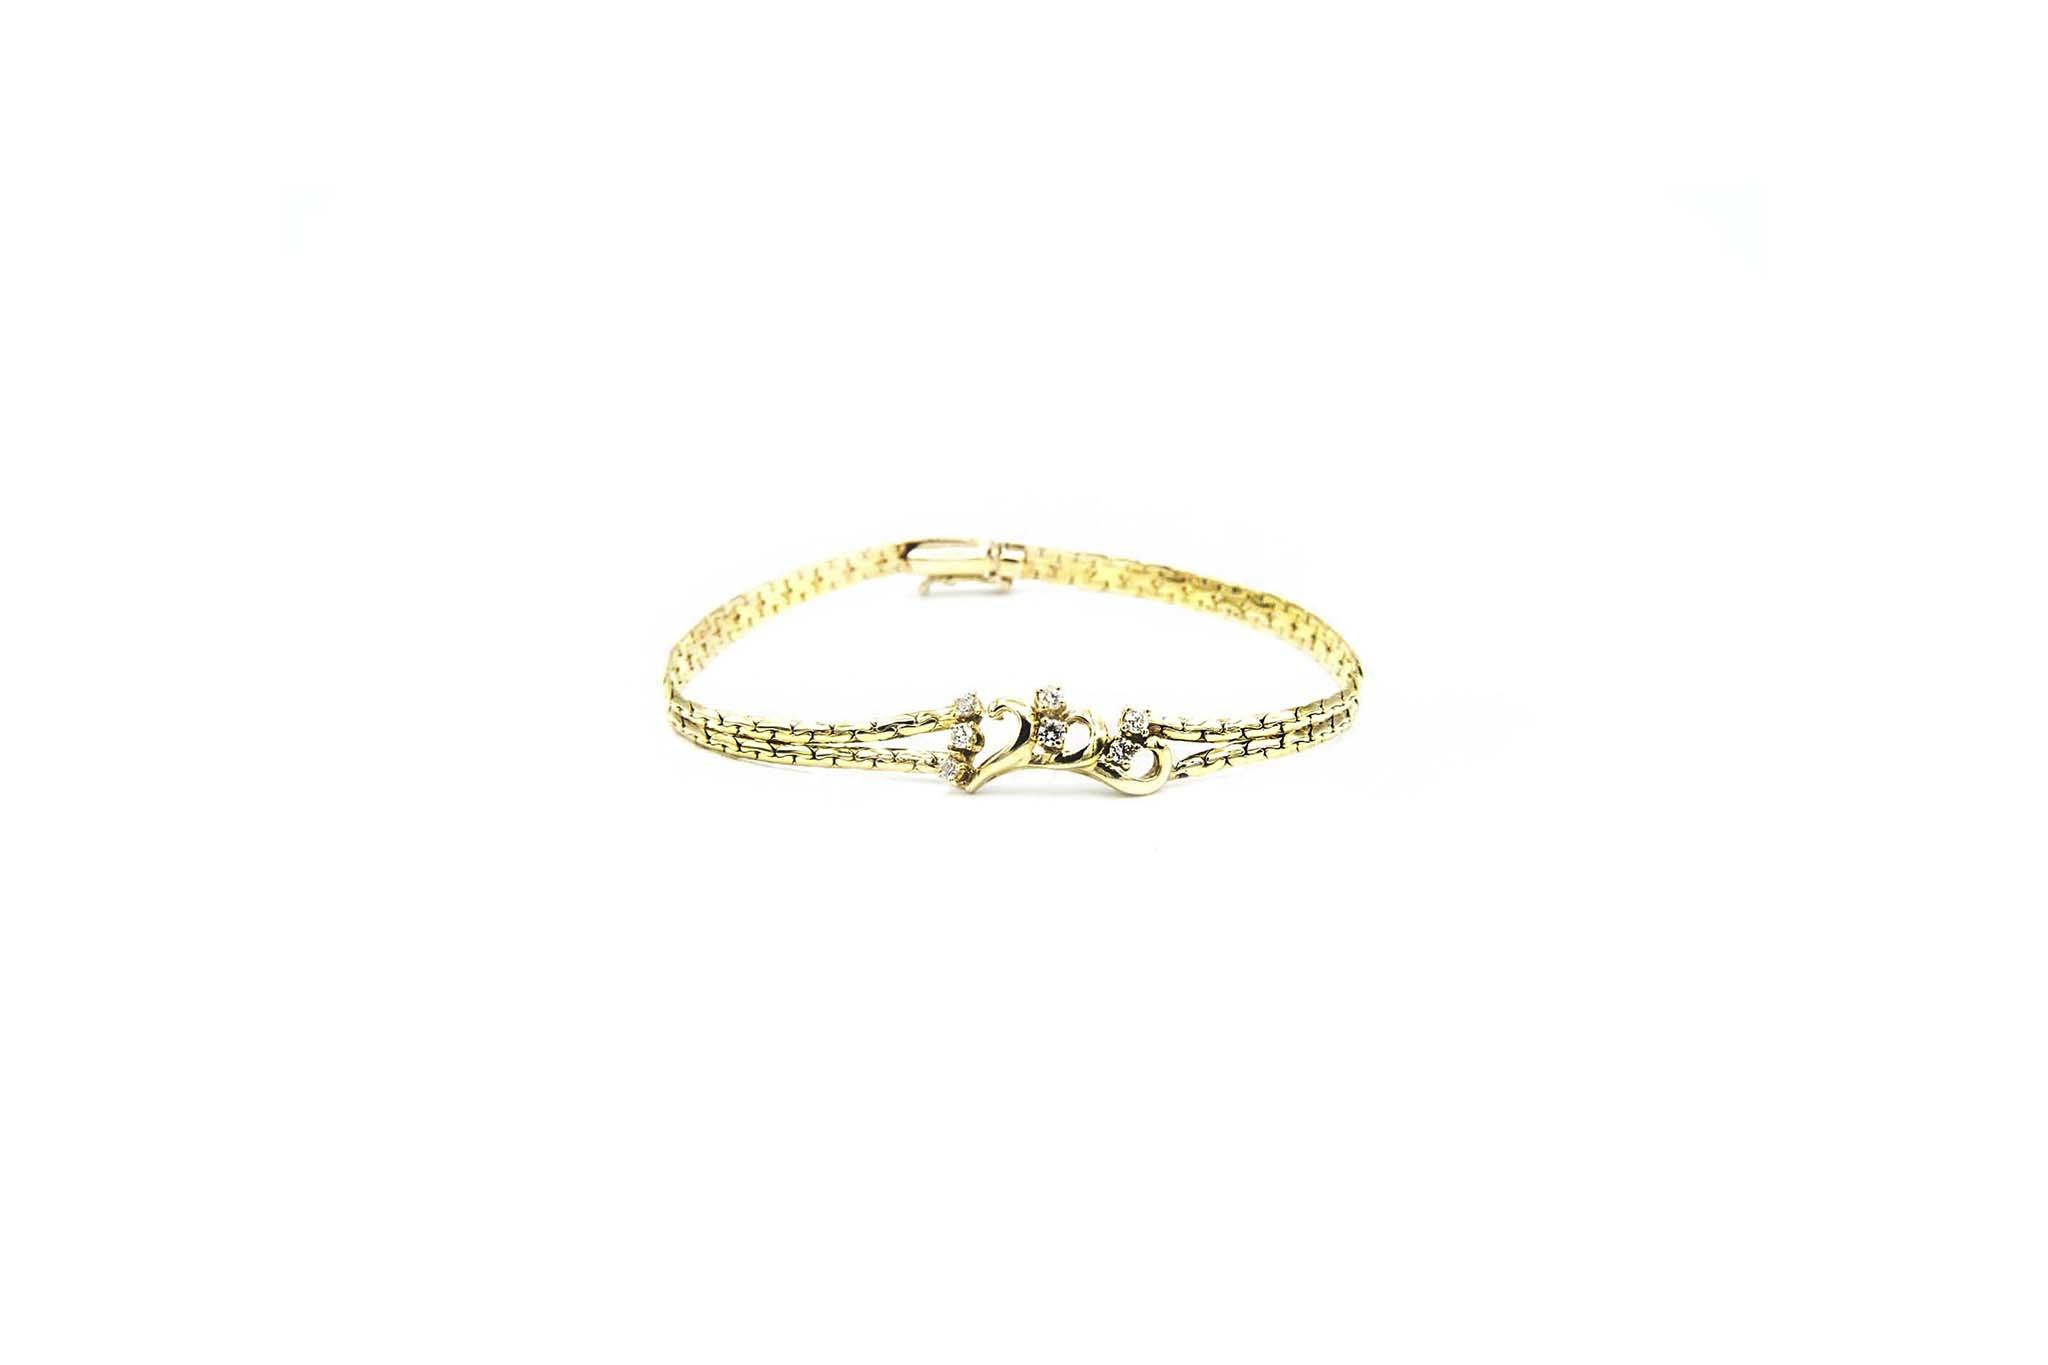 Armband met sierkrullen en zirkonia's-2